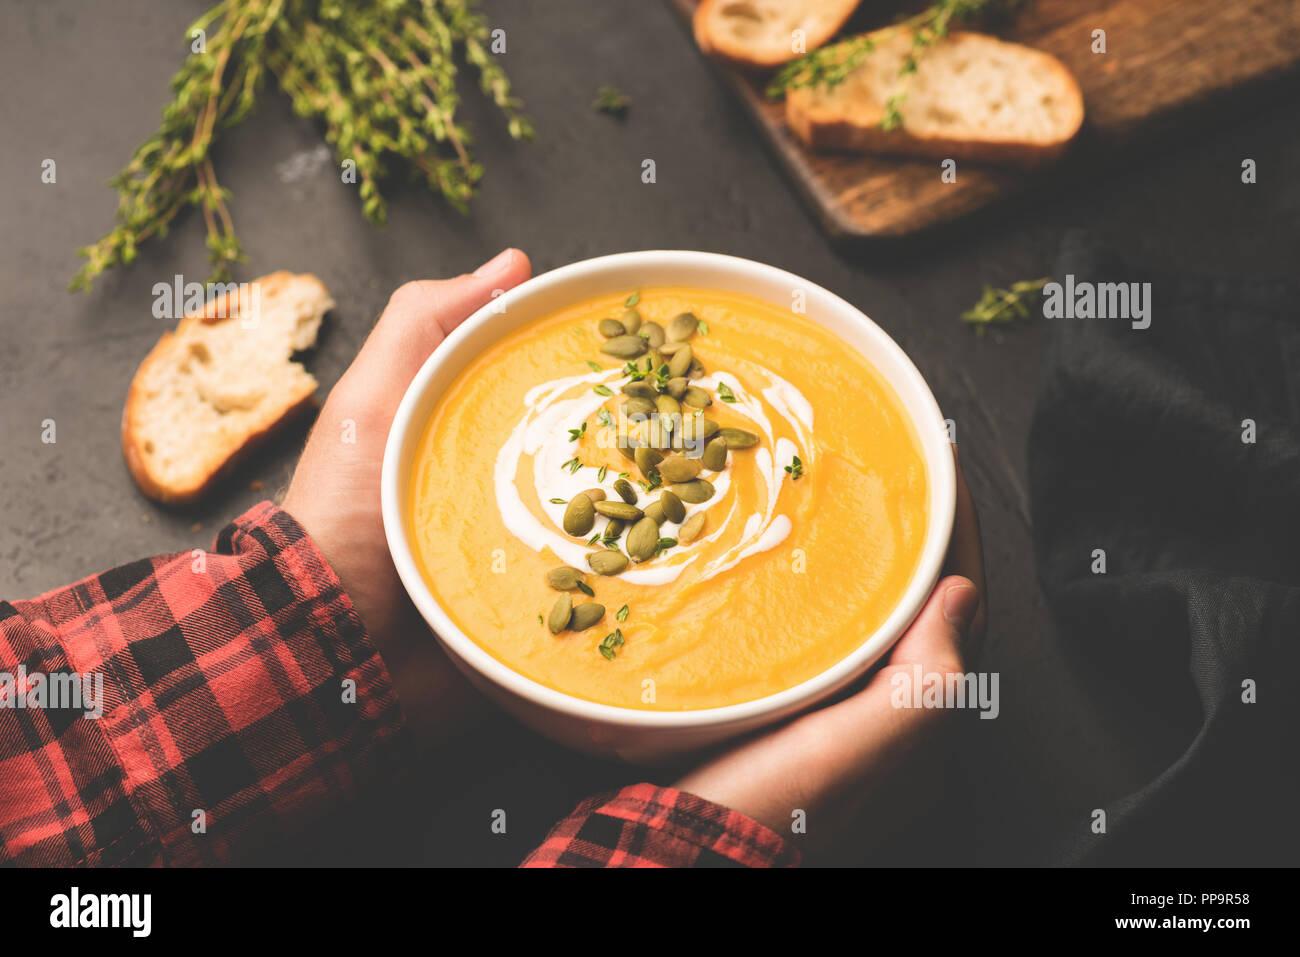 Persona sosteniendo el tazón de sopa de calabaza caliente en las manos. Confort de alimentos, concepto de comida de otoño Imagen De Stock